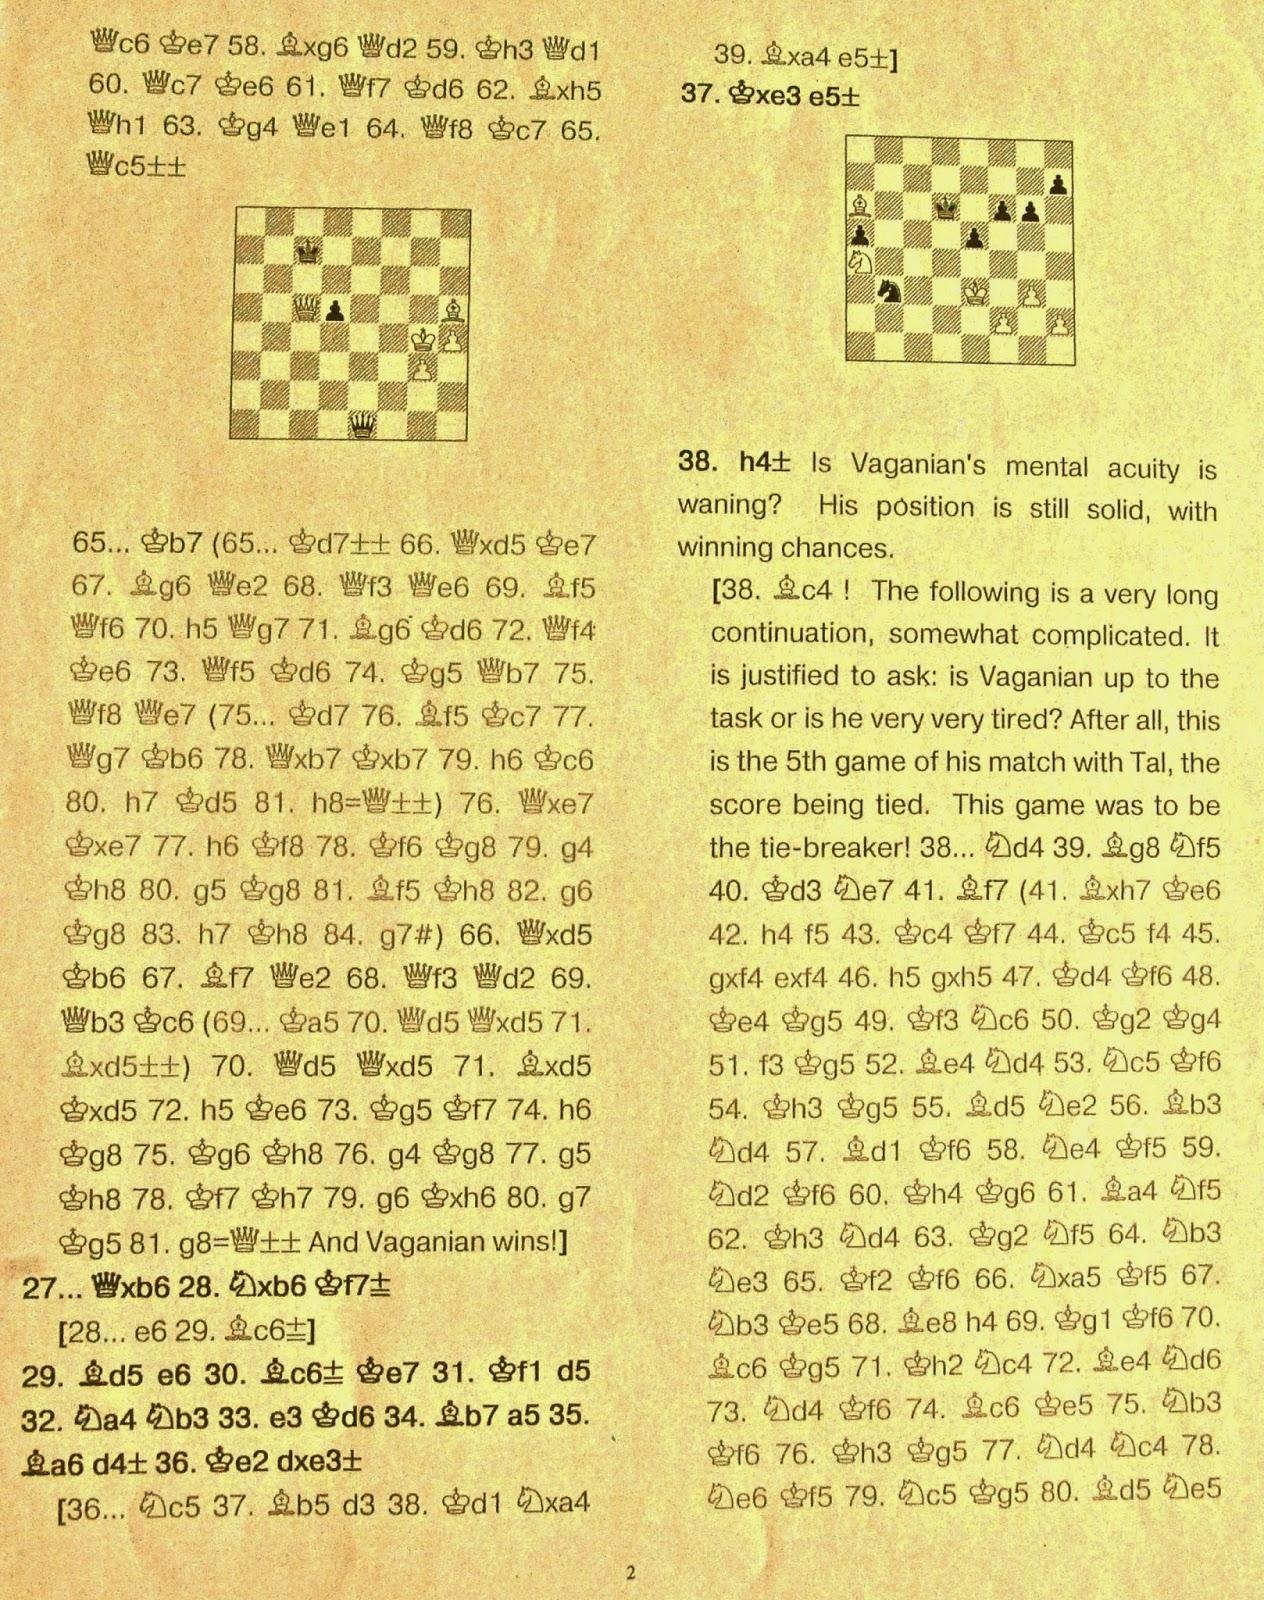 world chess championship game 5 analysis essay